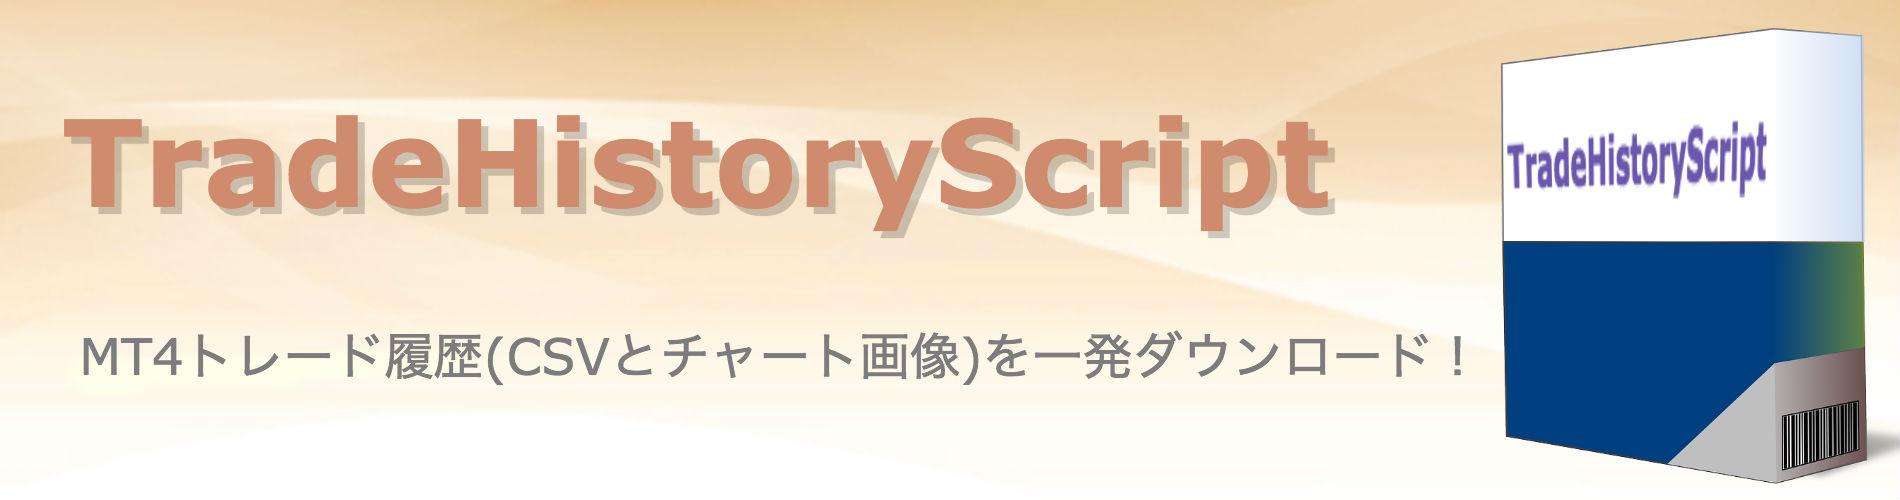 TradeHistoryScriptスライドショー